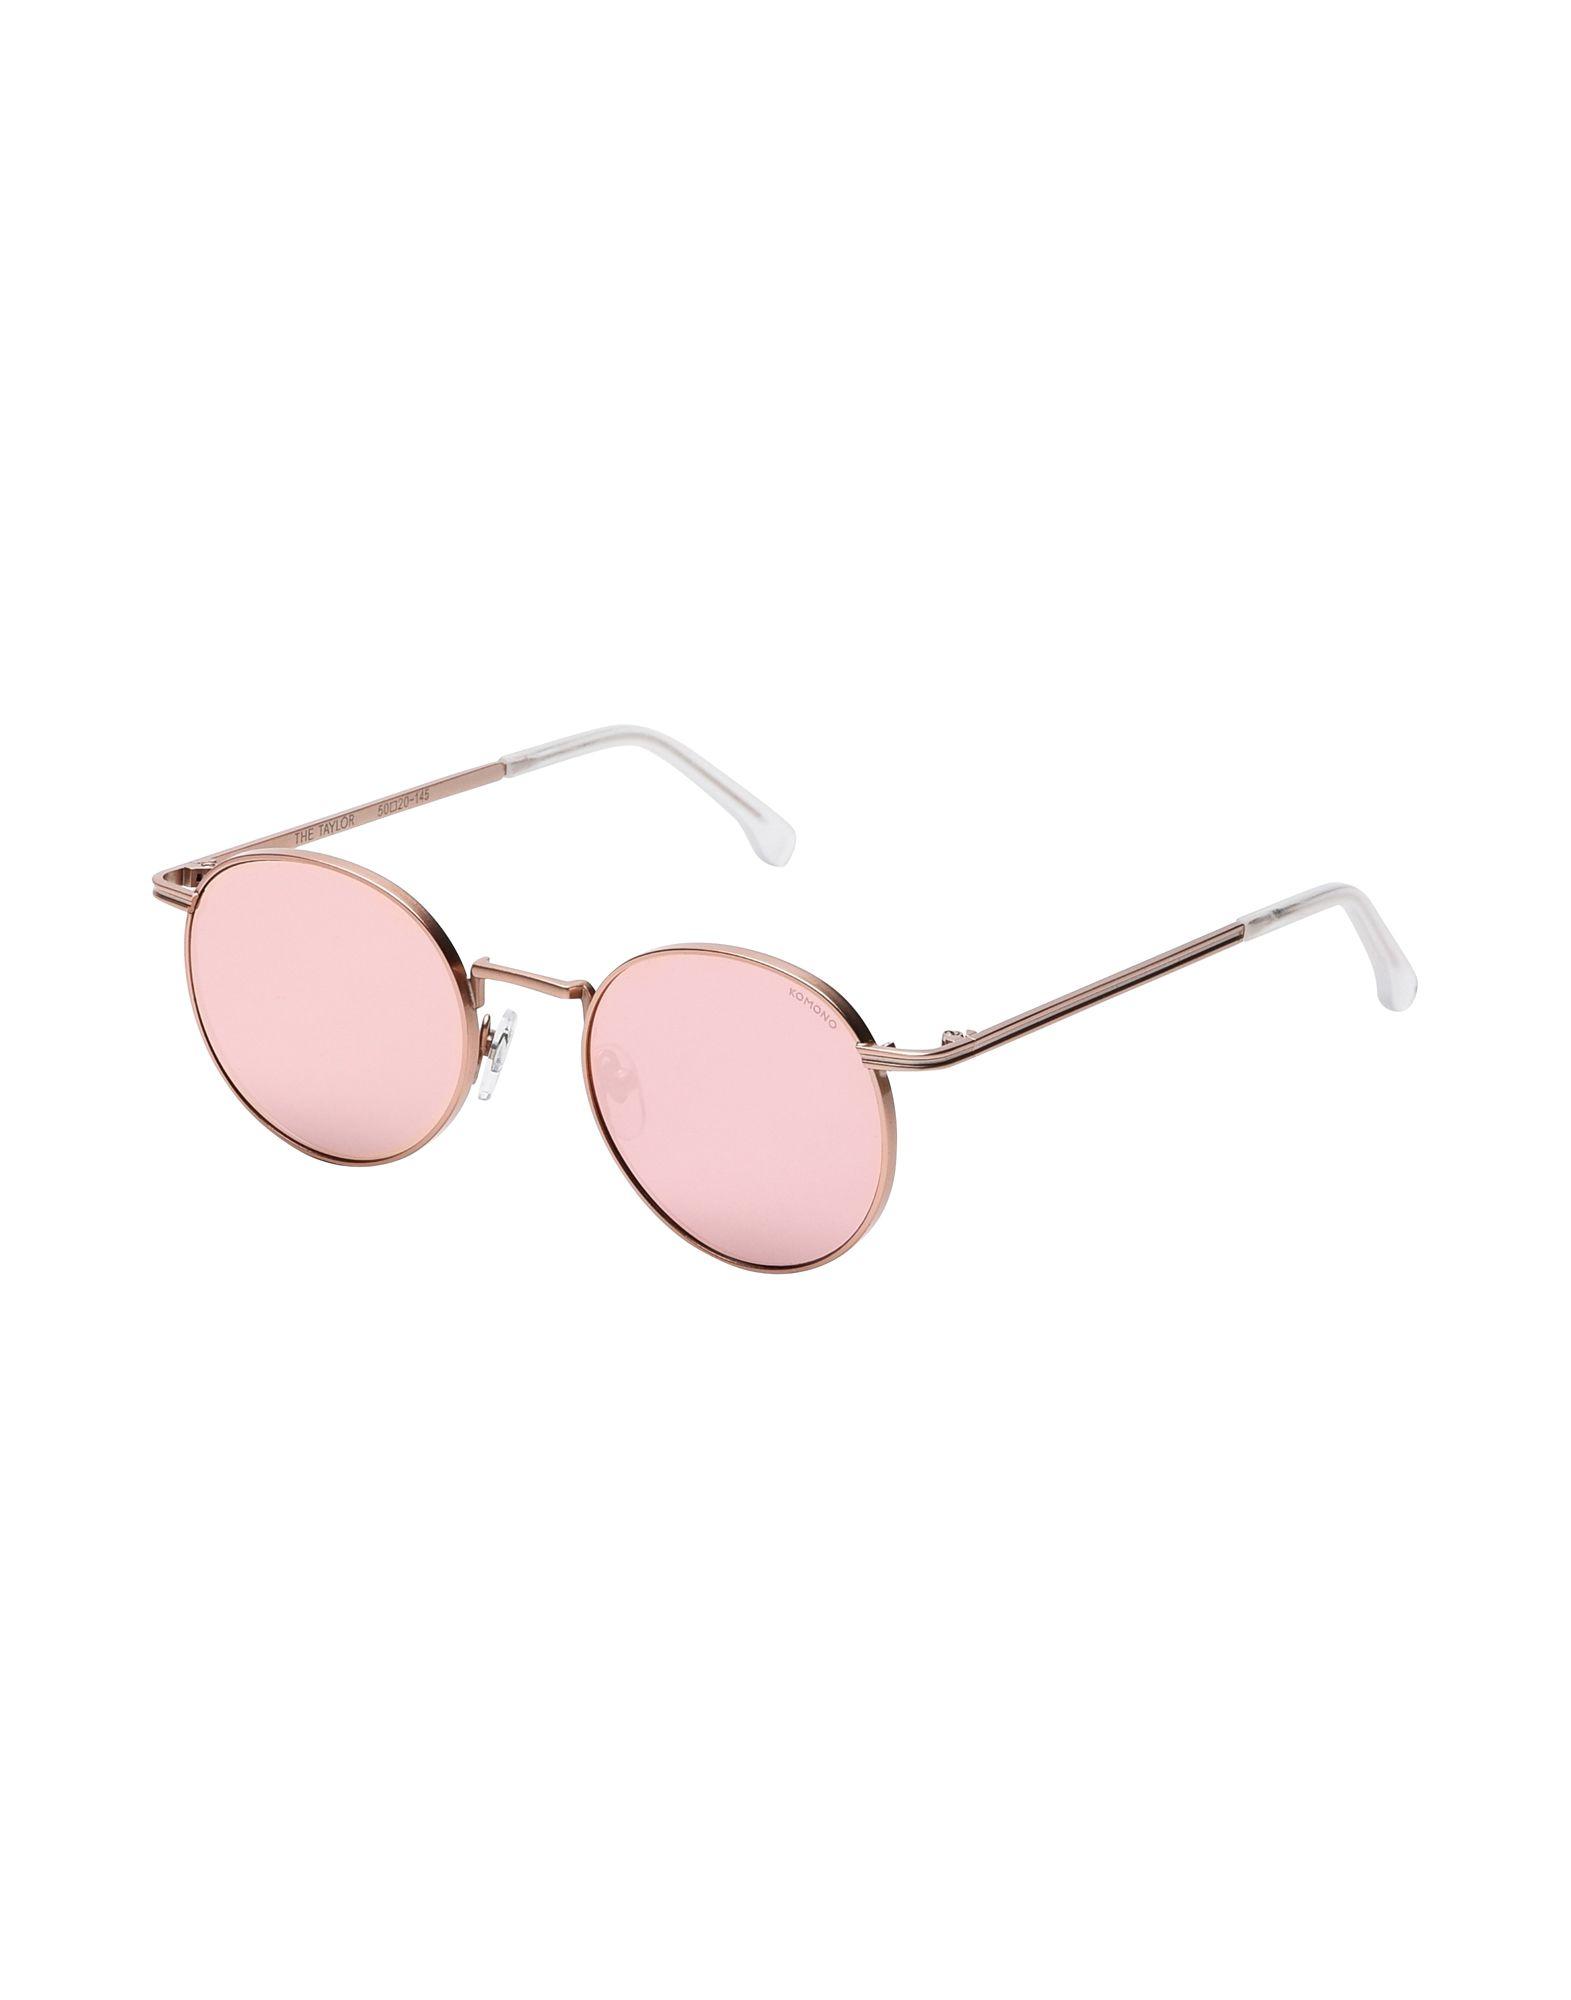 Occhiali Da Sole Komono Taylor - Rose Gold Mirror - Uomo - Acquista online su